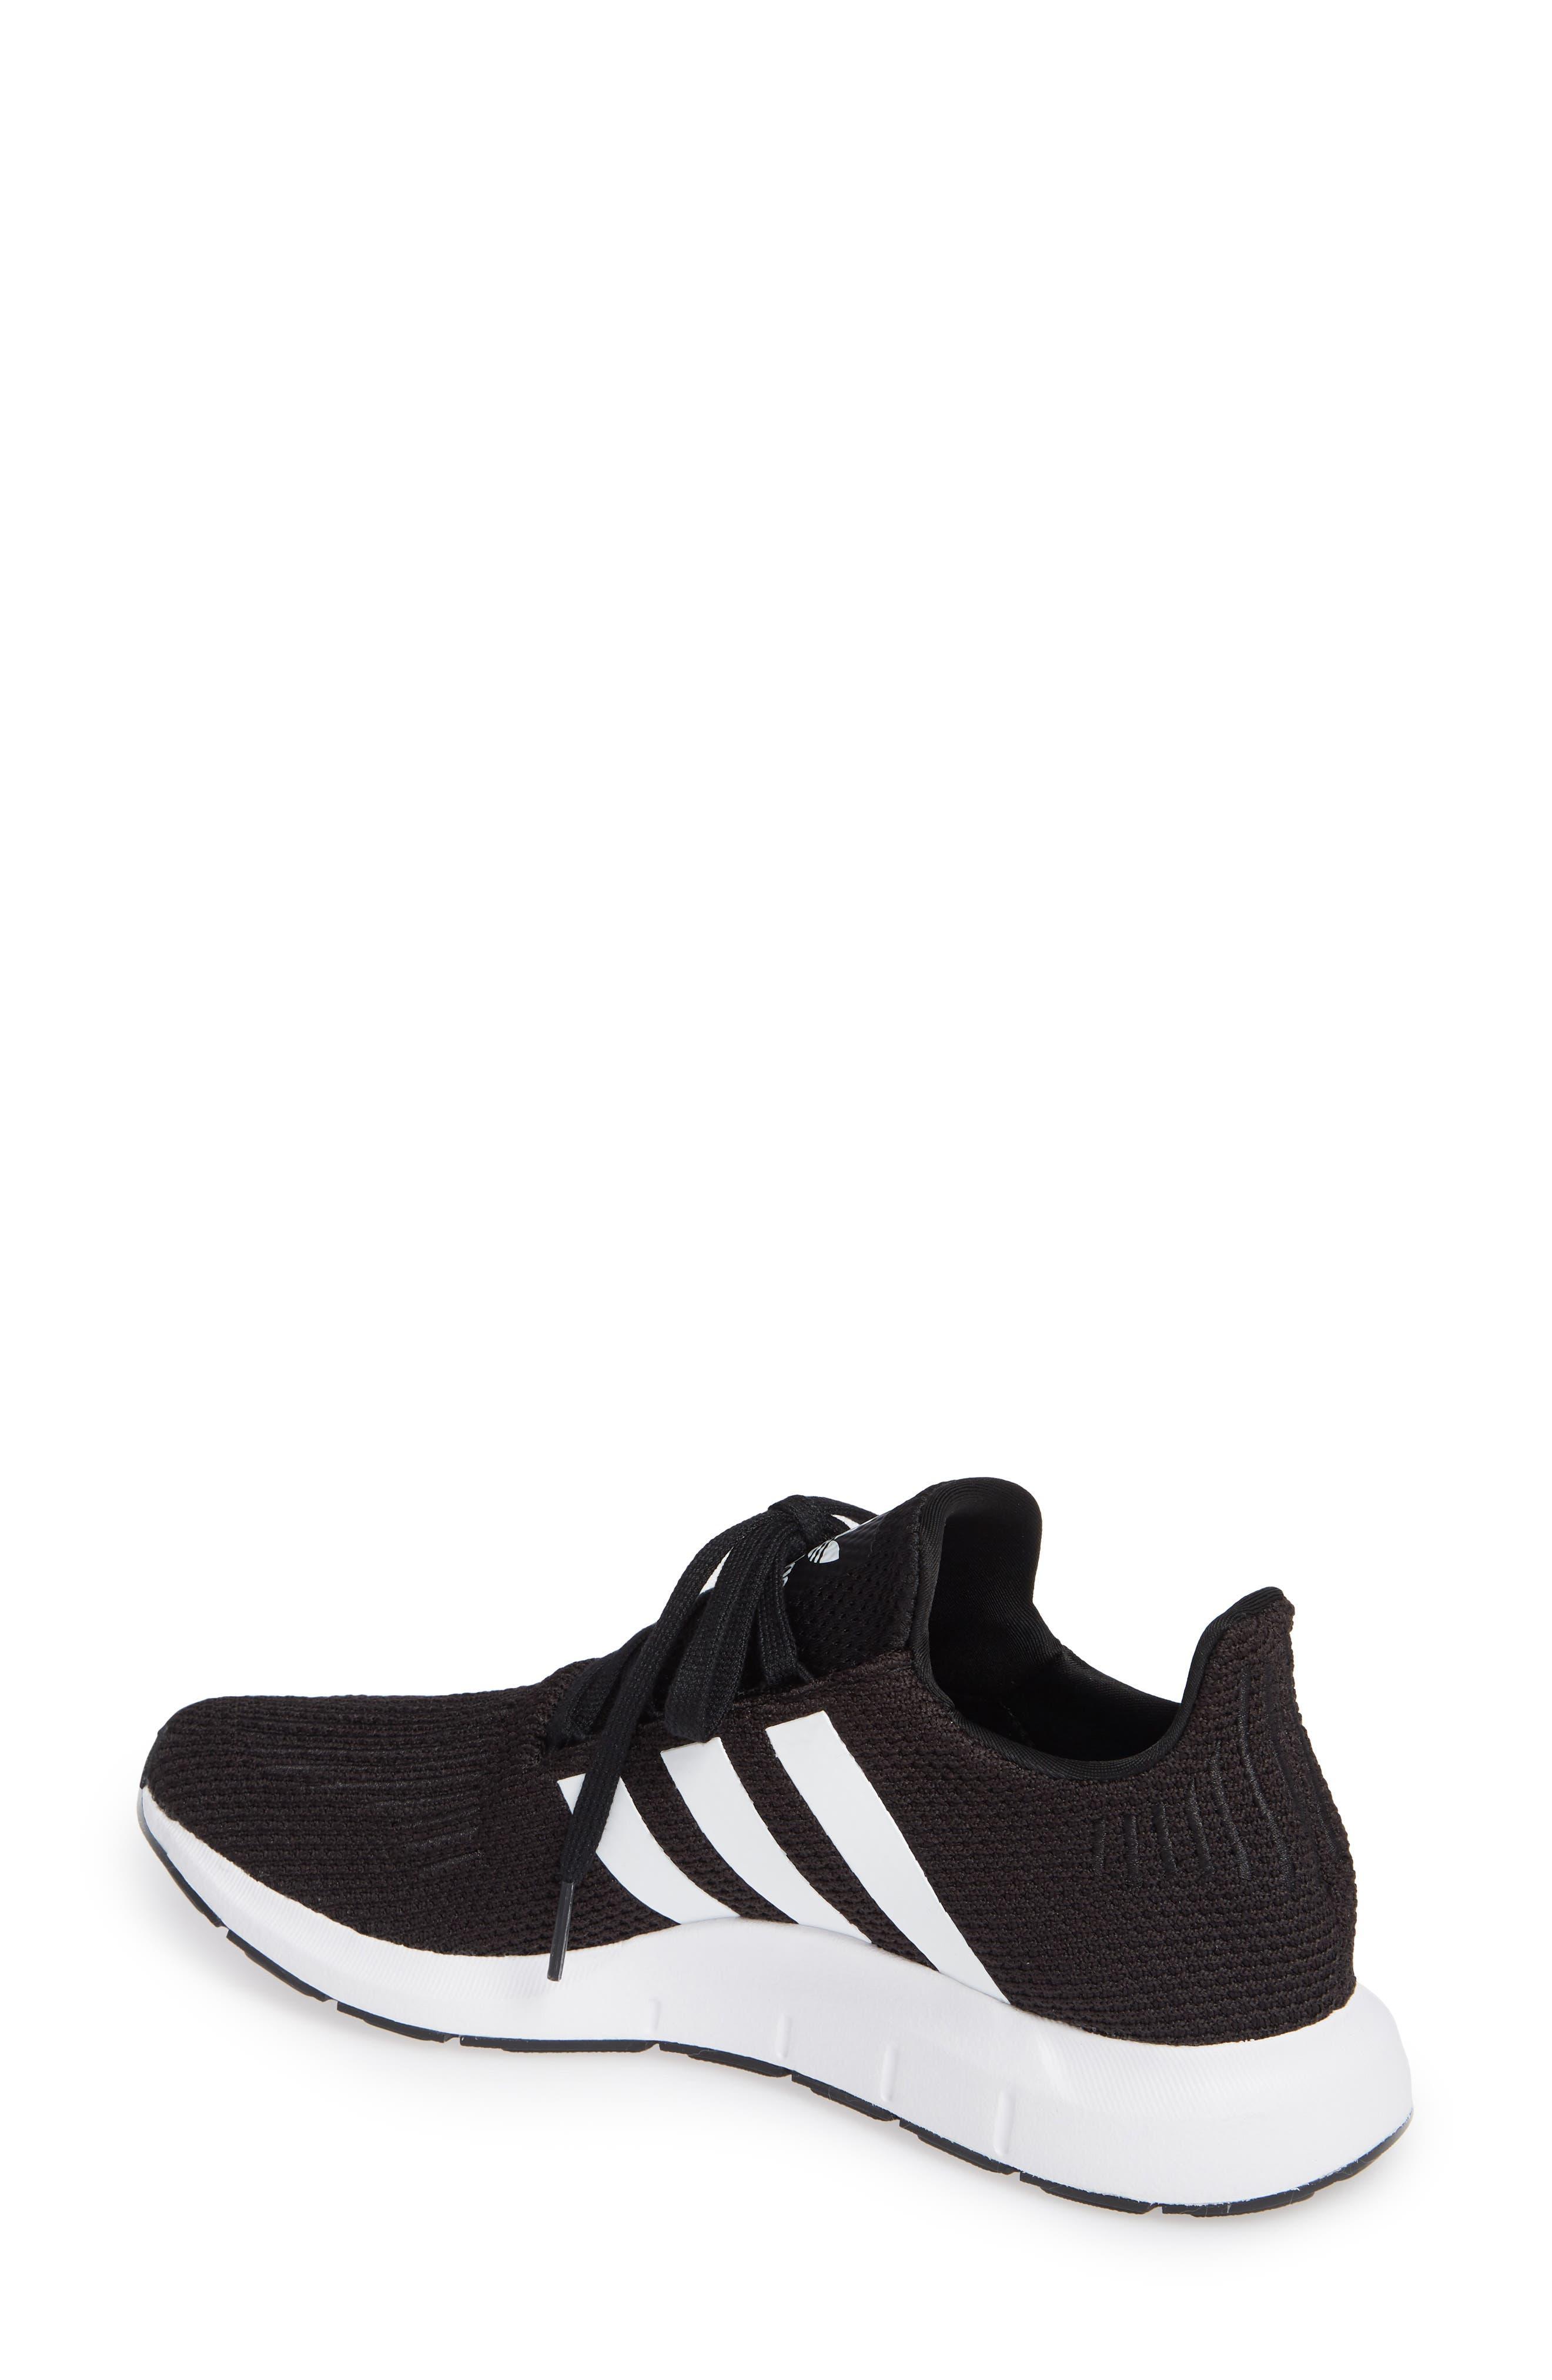 Swift Run Sneaker,                             Alternate thumbnail 2, color,                             Black/ White